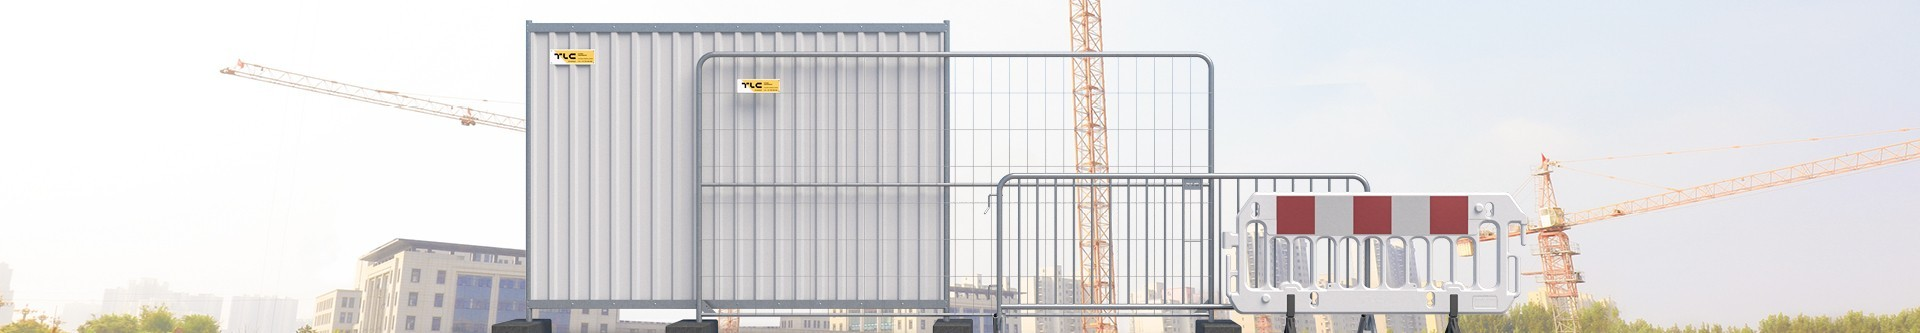 Barierki ochronne metalowe lub aluminiowe dla bezpieczeństwa - producent barier | Sklep internetowy TLC Rental